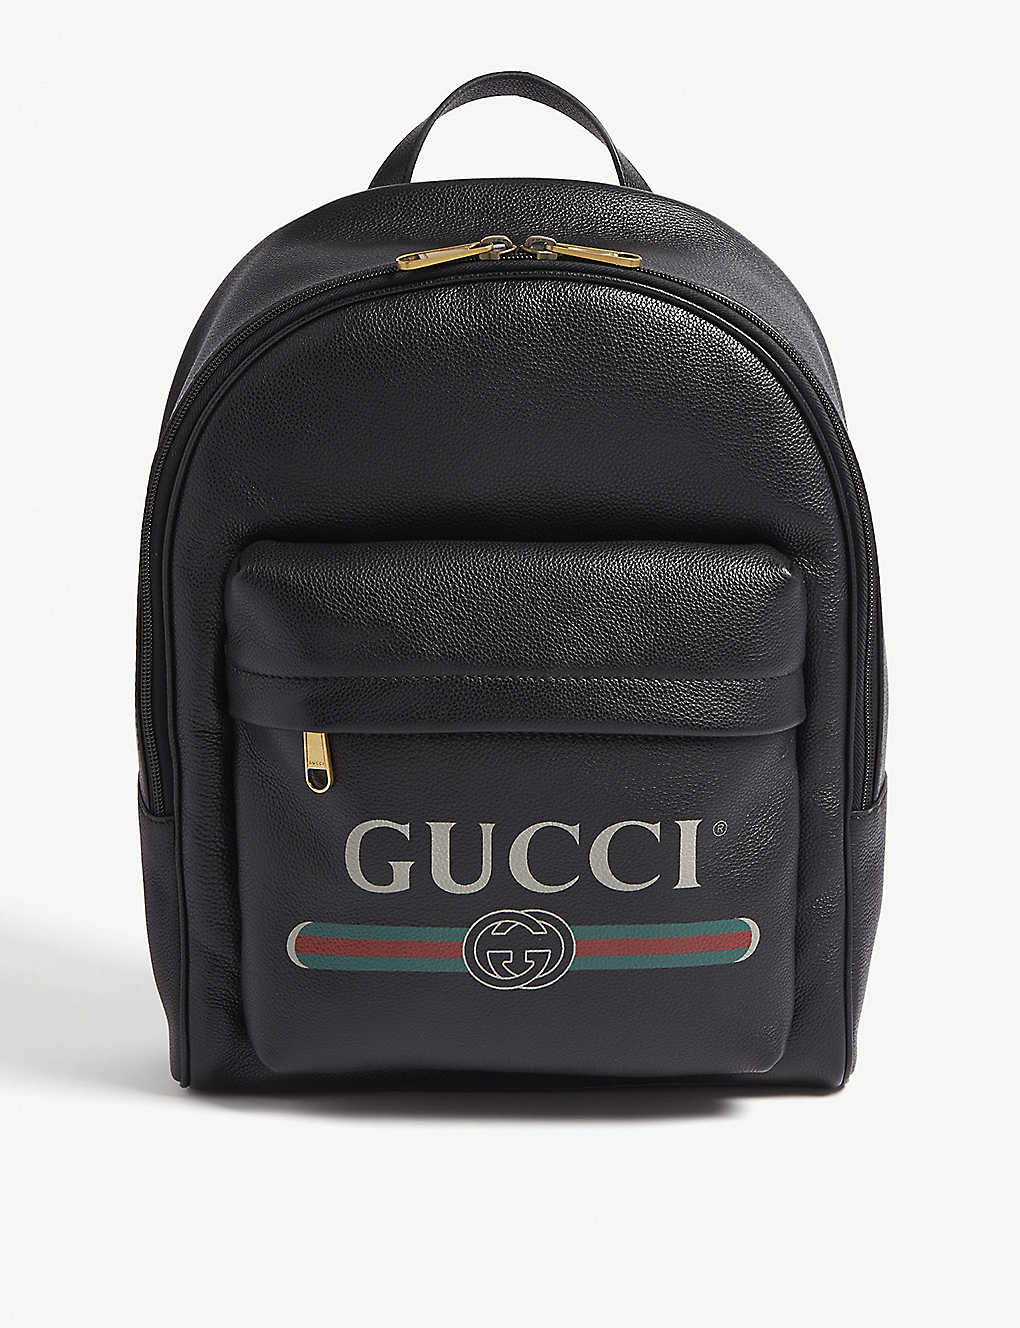 0289f708dfe0d6 GUCCI - Logo-print leather backpack   Selfridges.com